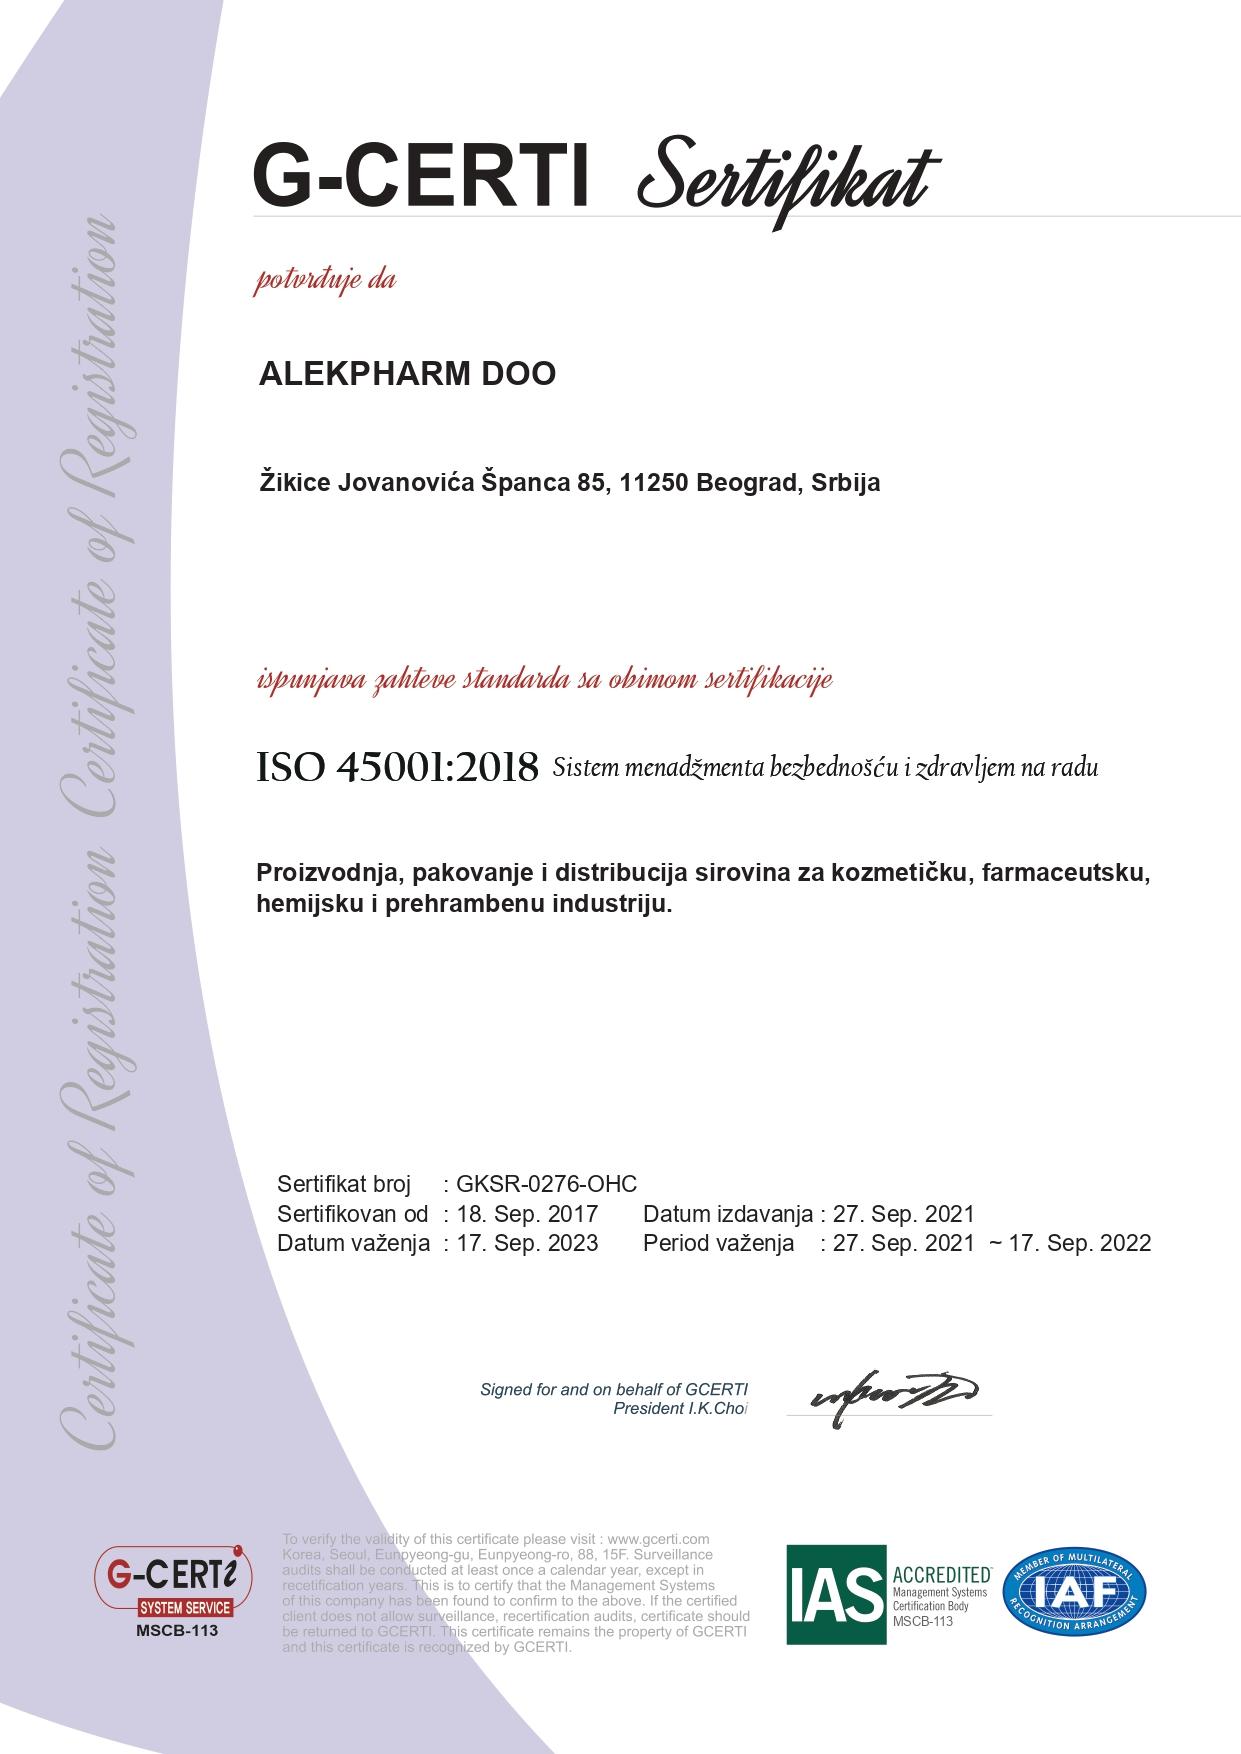 ISO9001-2015.jpg?v=1.2